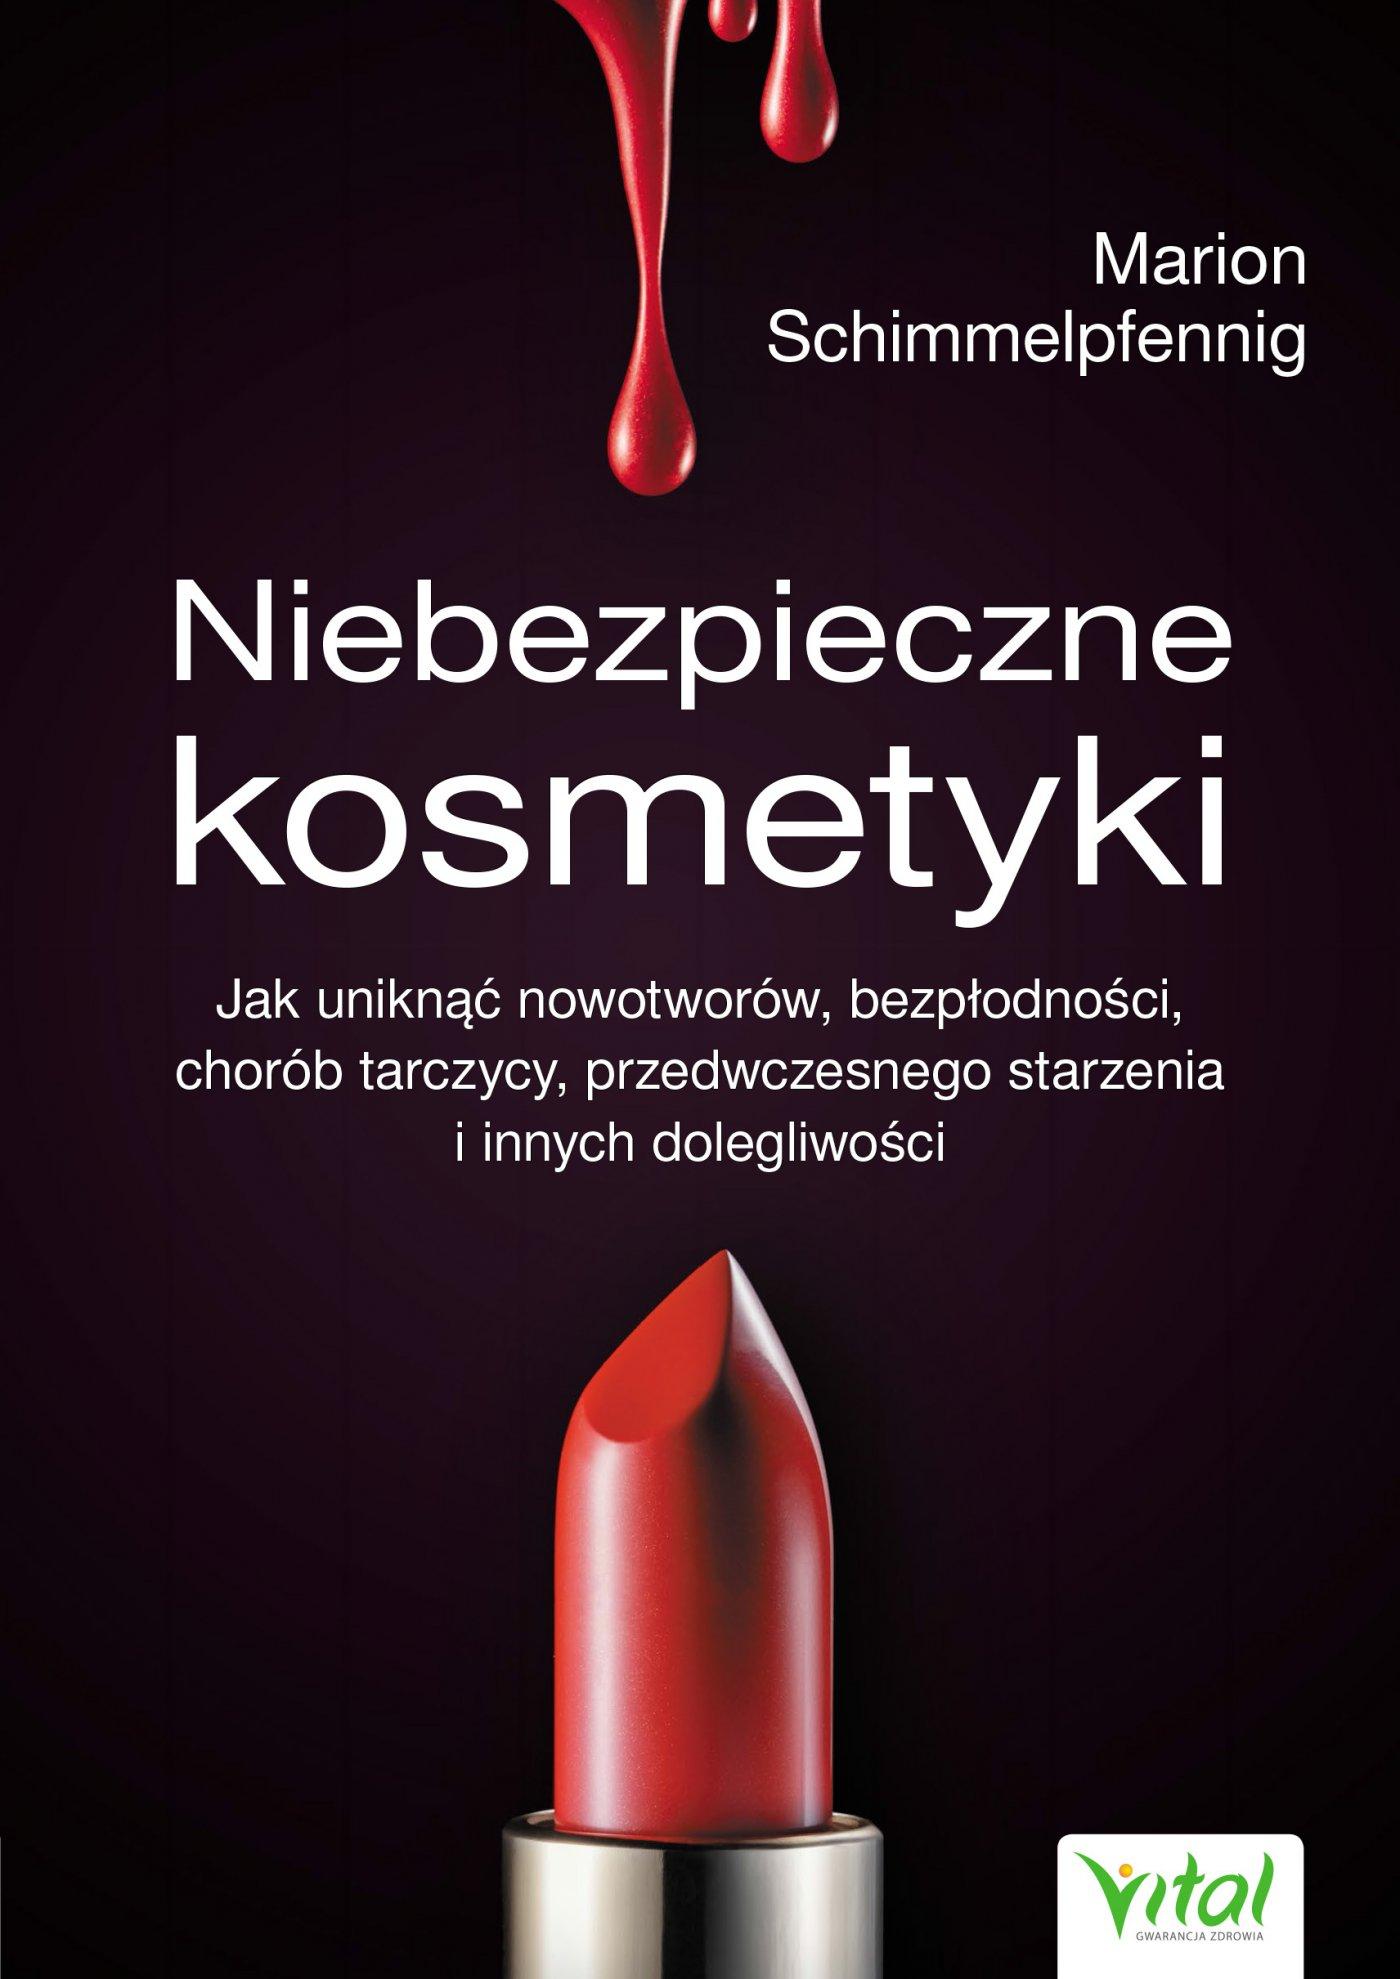 Niebezpieczne kosmetyki - Ebook (Książka EPUB) do pobrania w formacie EPUB